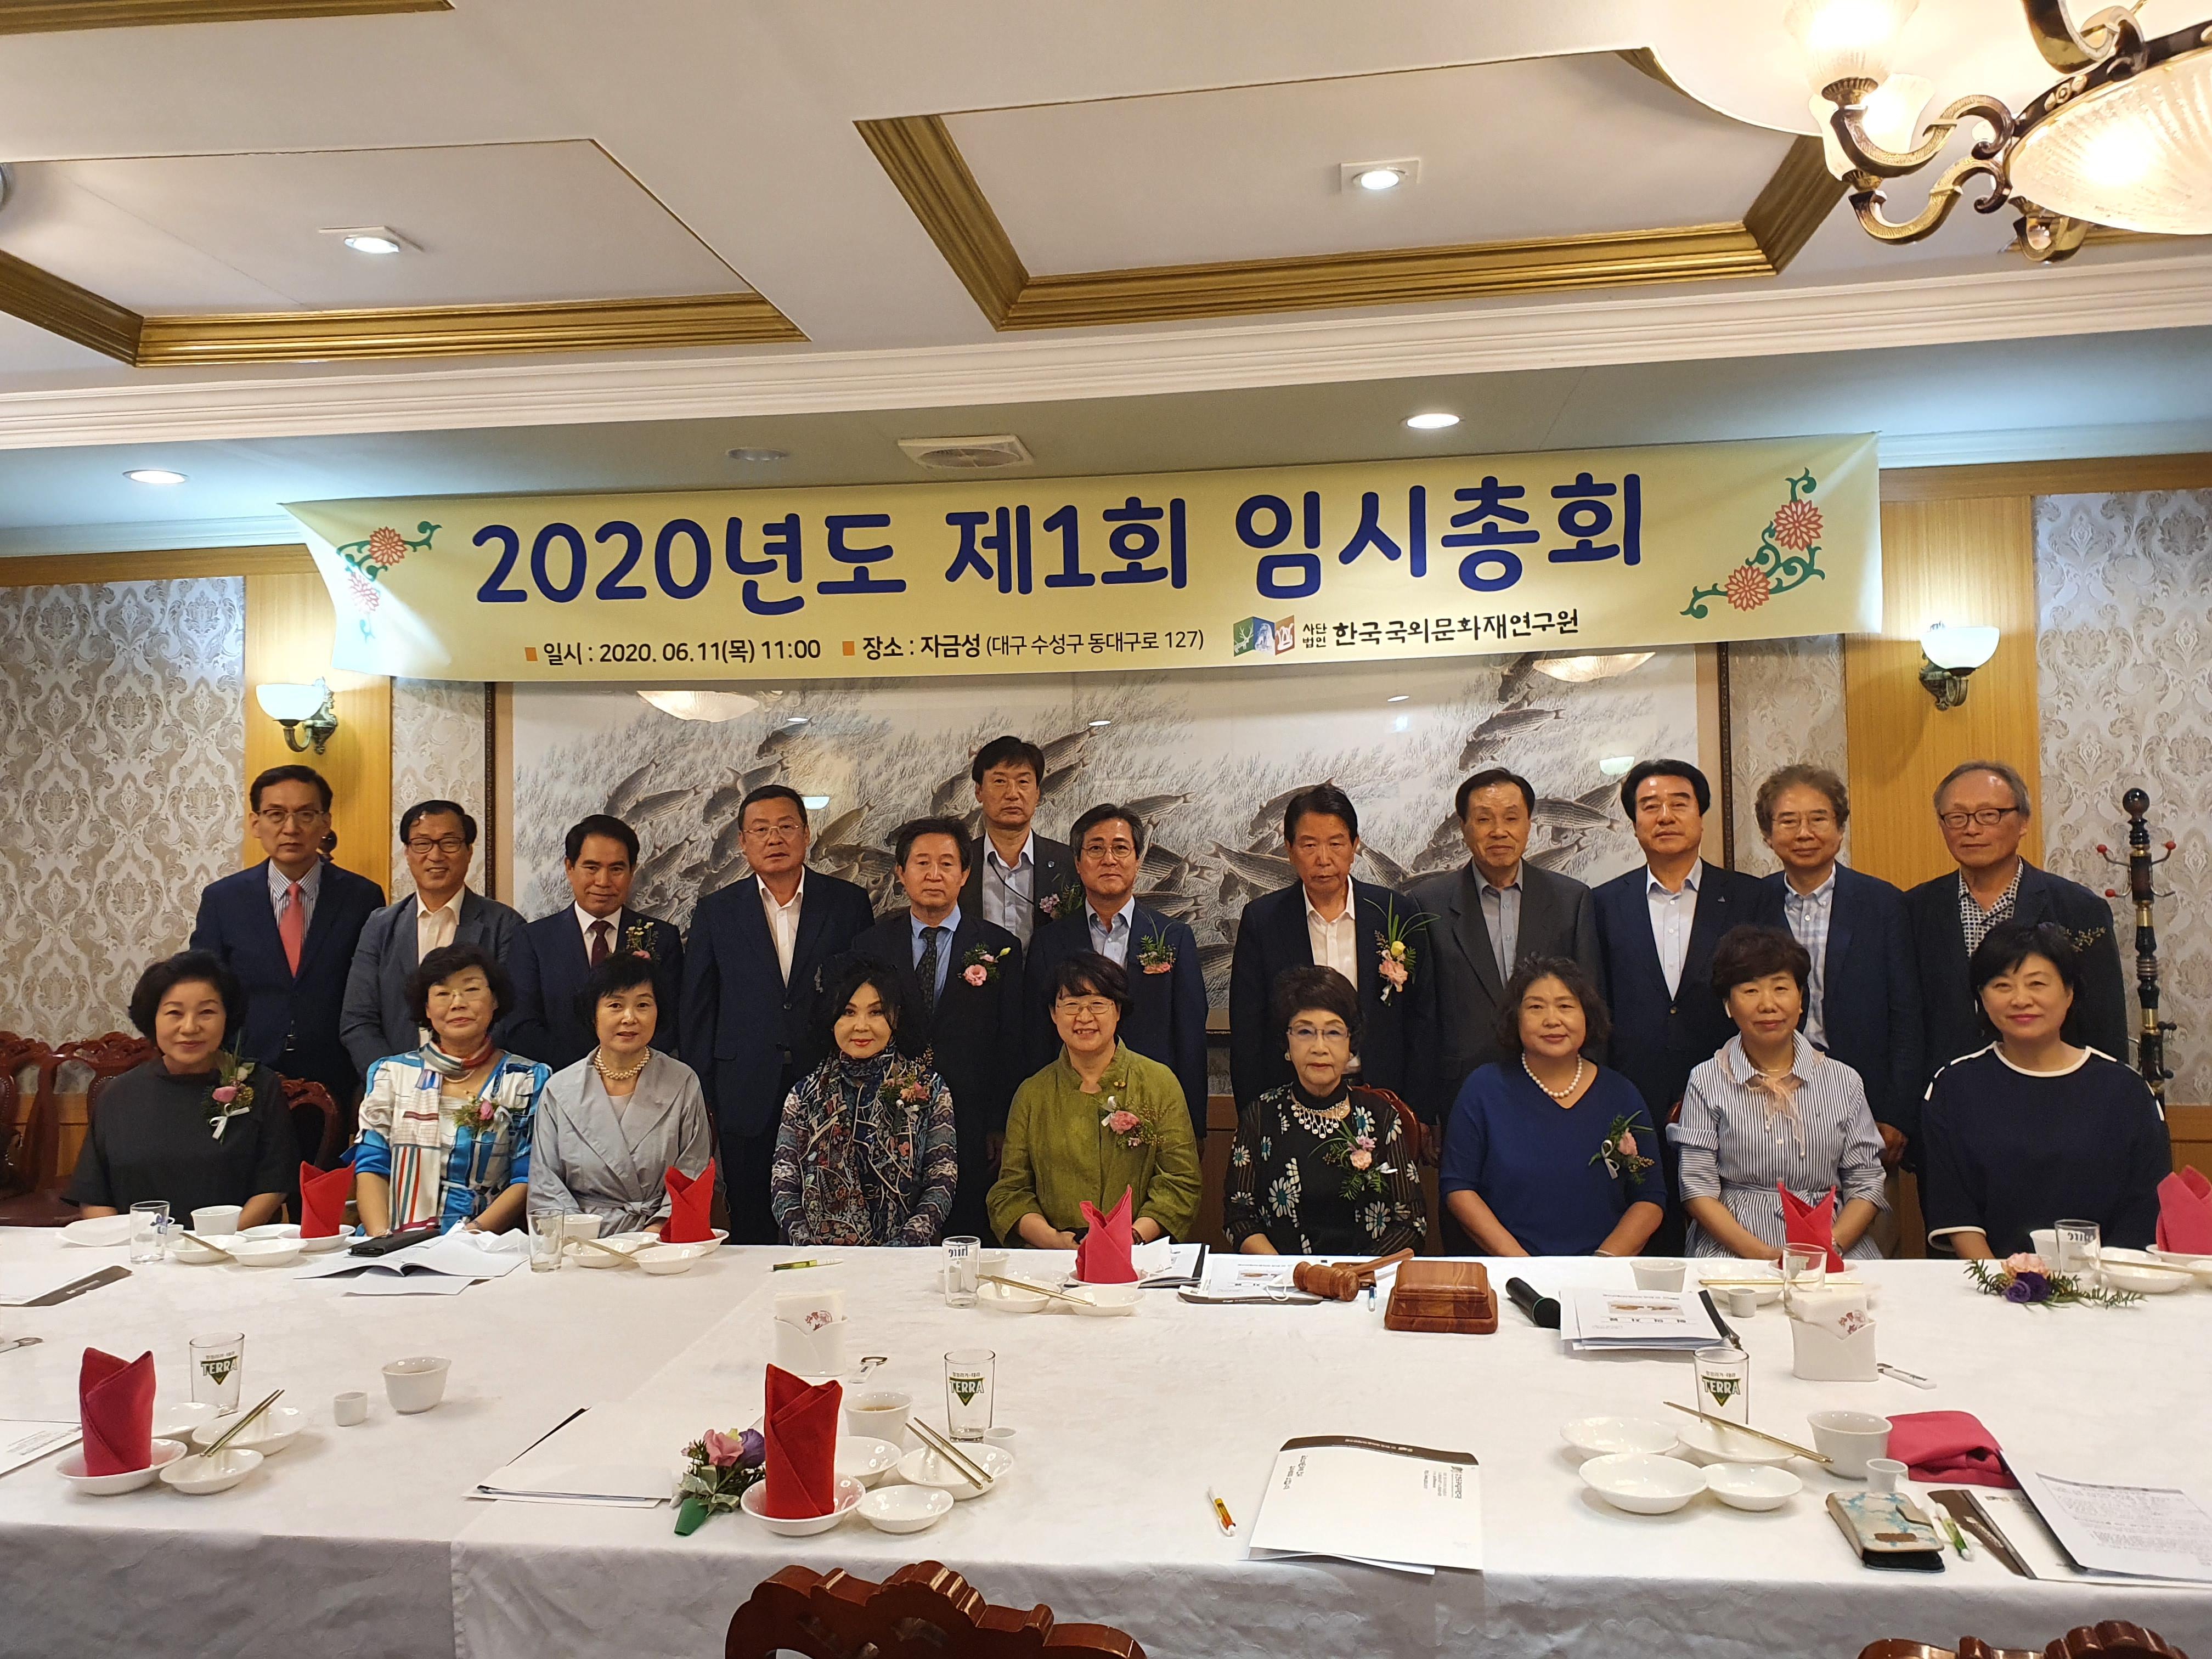 2020년도 제1회 임시총회 개최